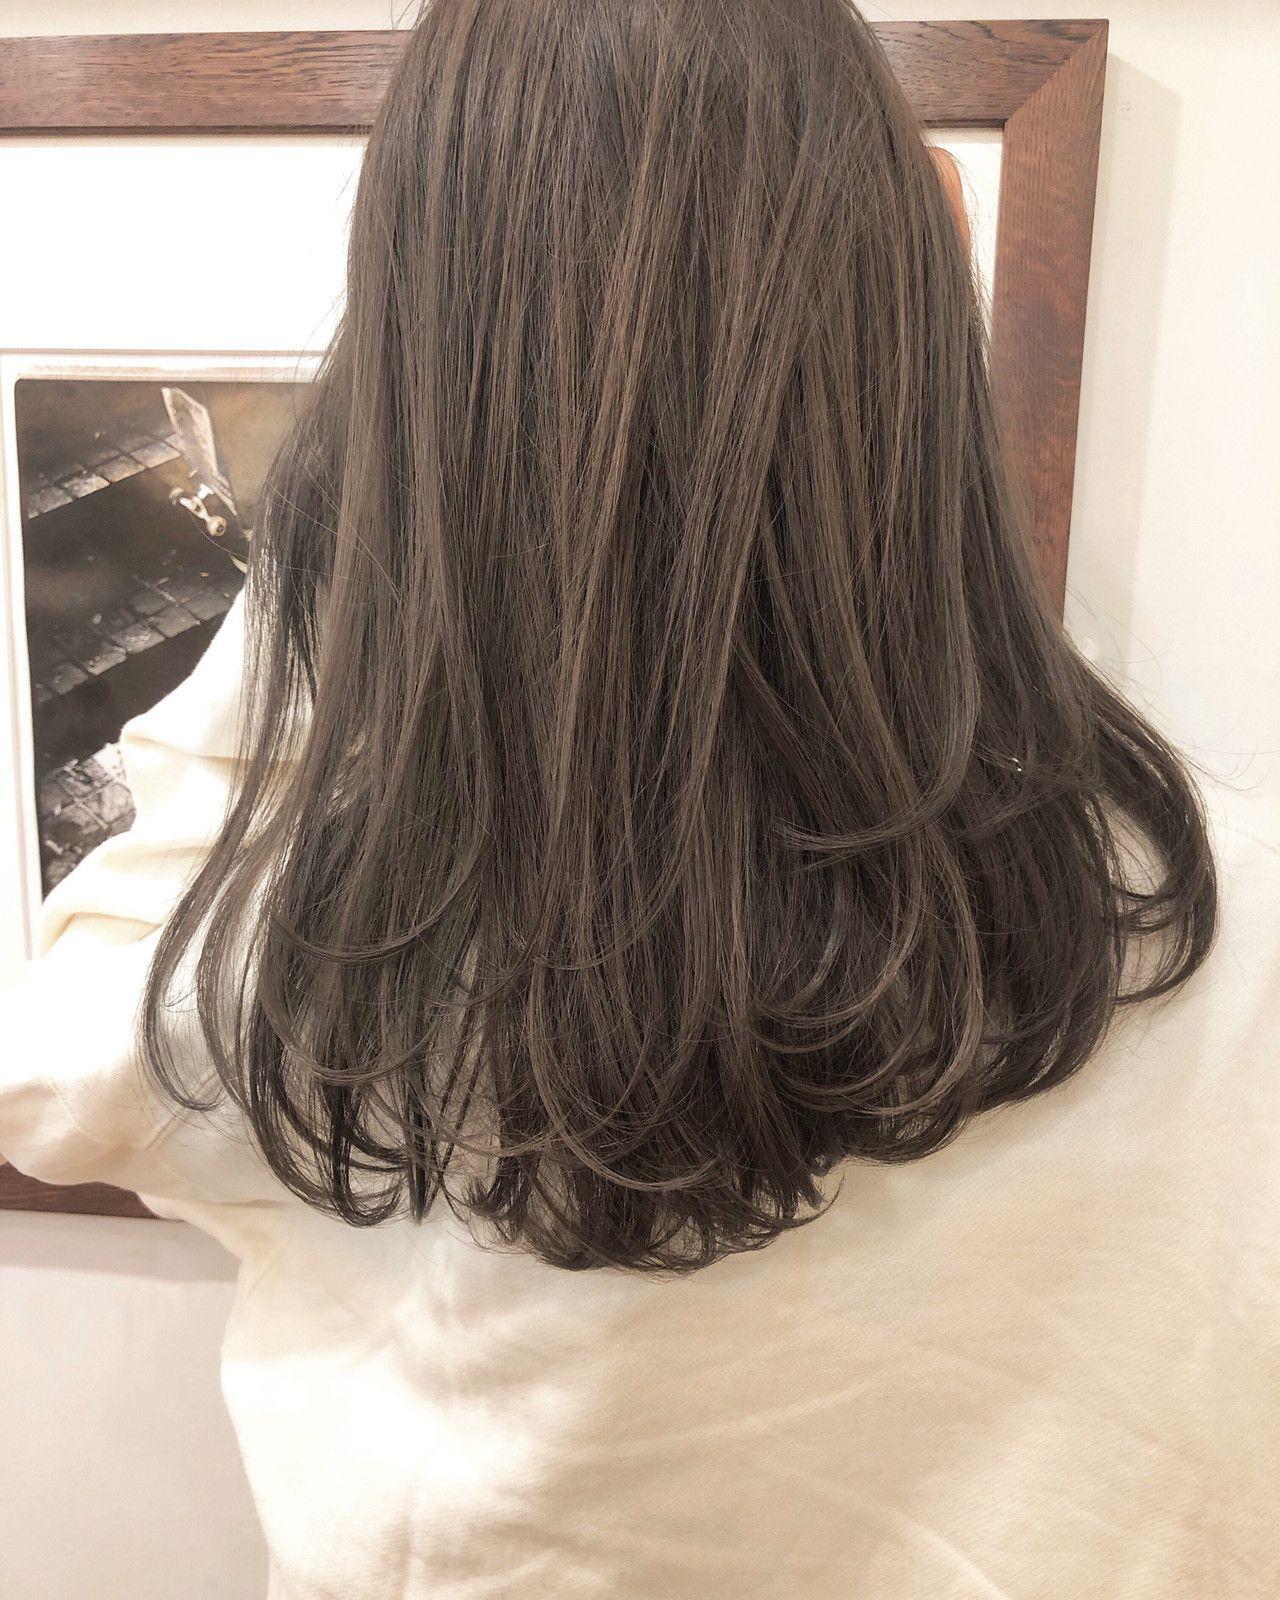 ダークブラウンで旬顔になれる 今っぽ髪色大特集 Hair 髪 色 ヘアスタイリング ヘアカラーダーク